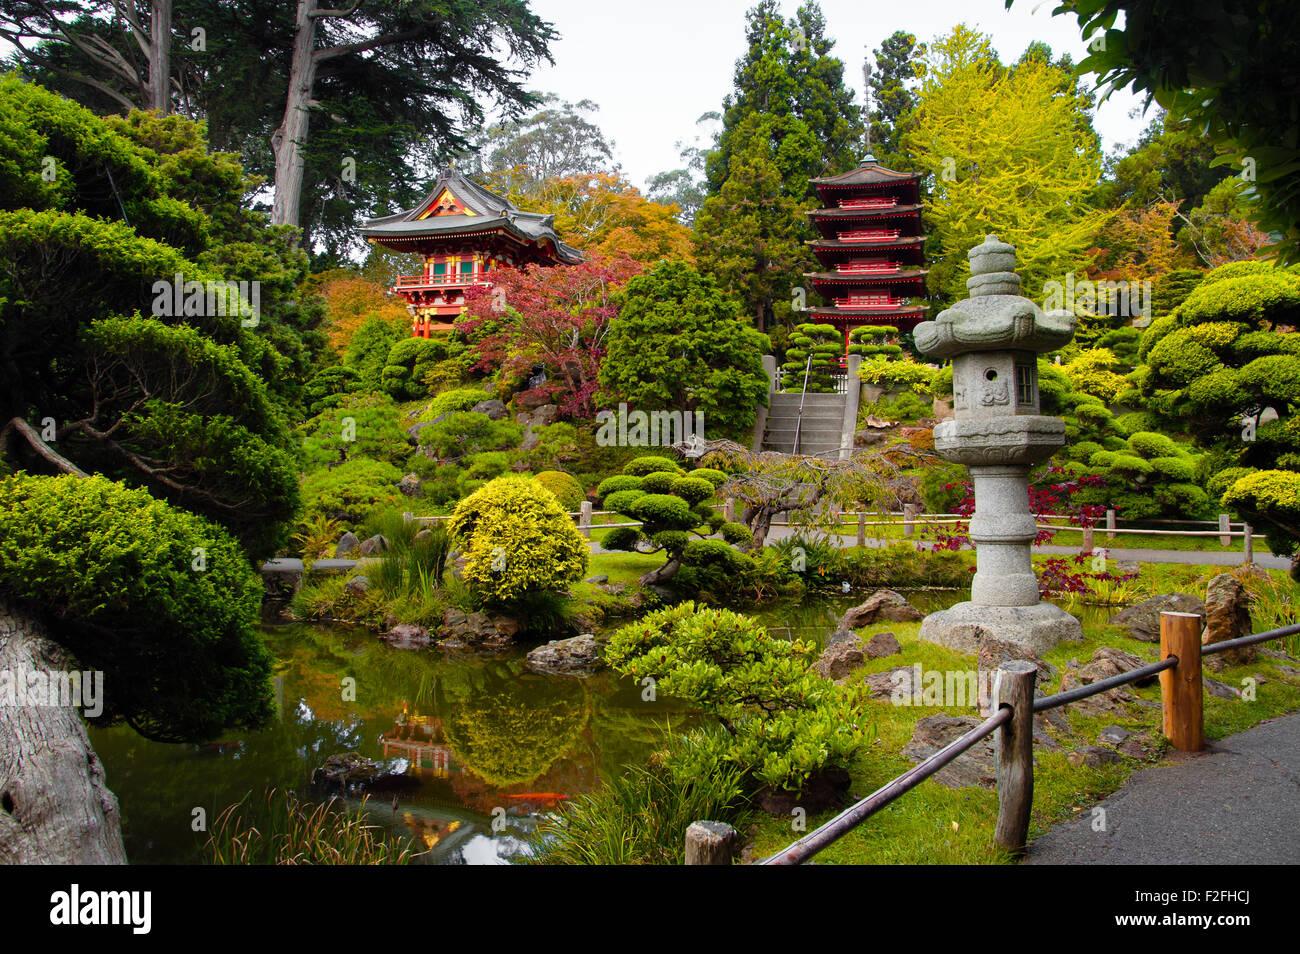 Pagodas In Japanese Tea Garden San Francisco California Usa Stock